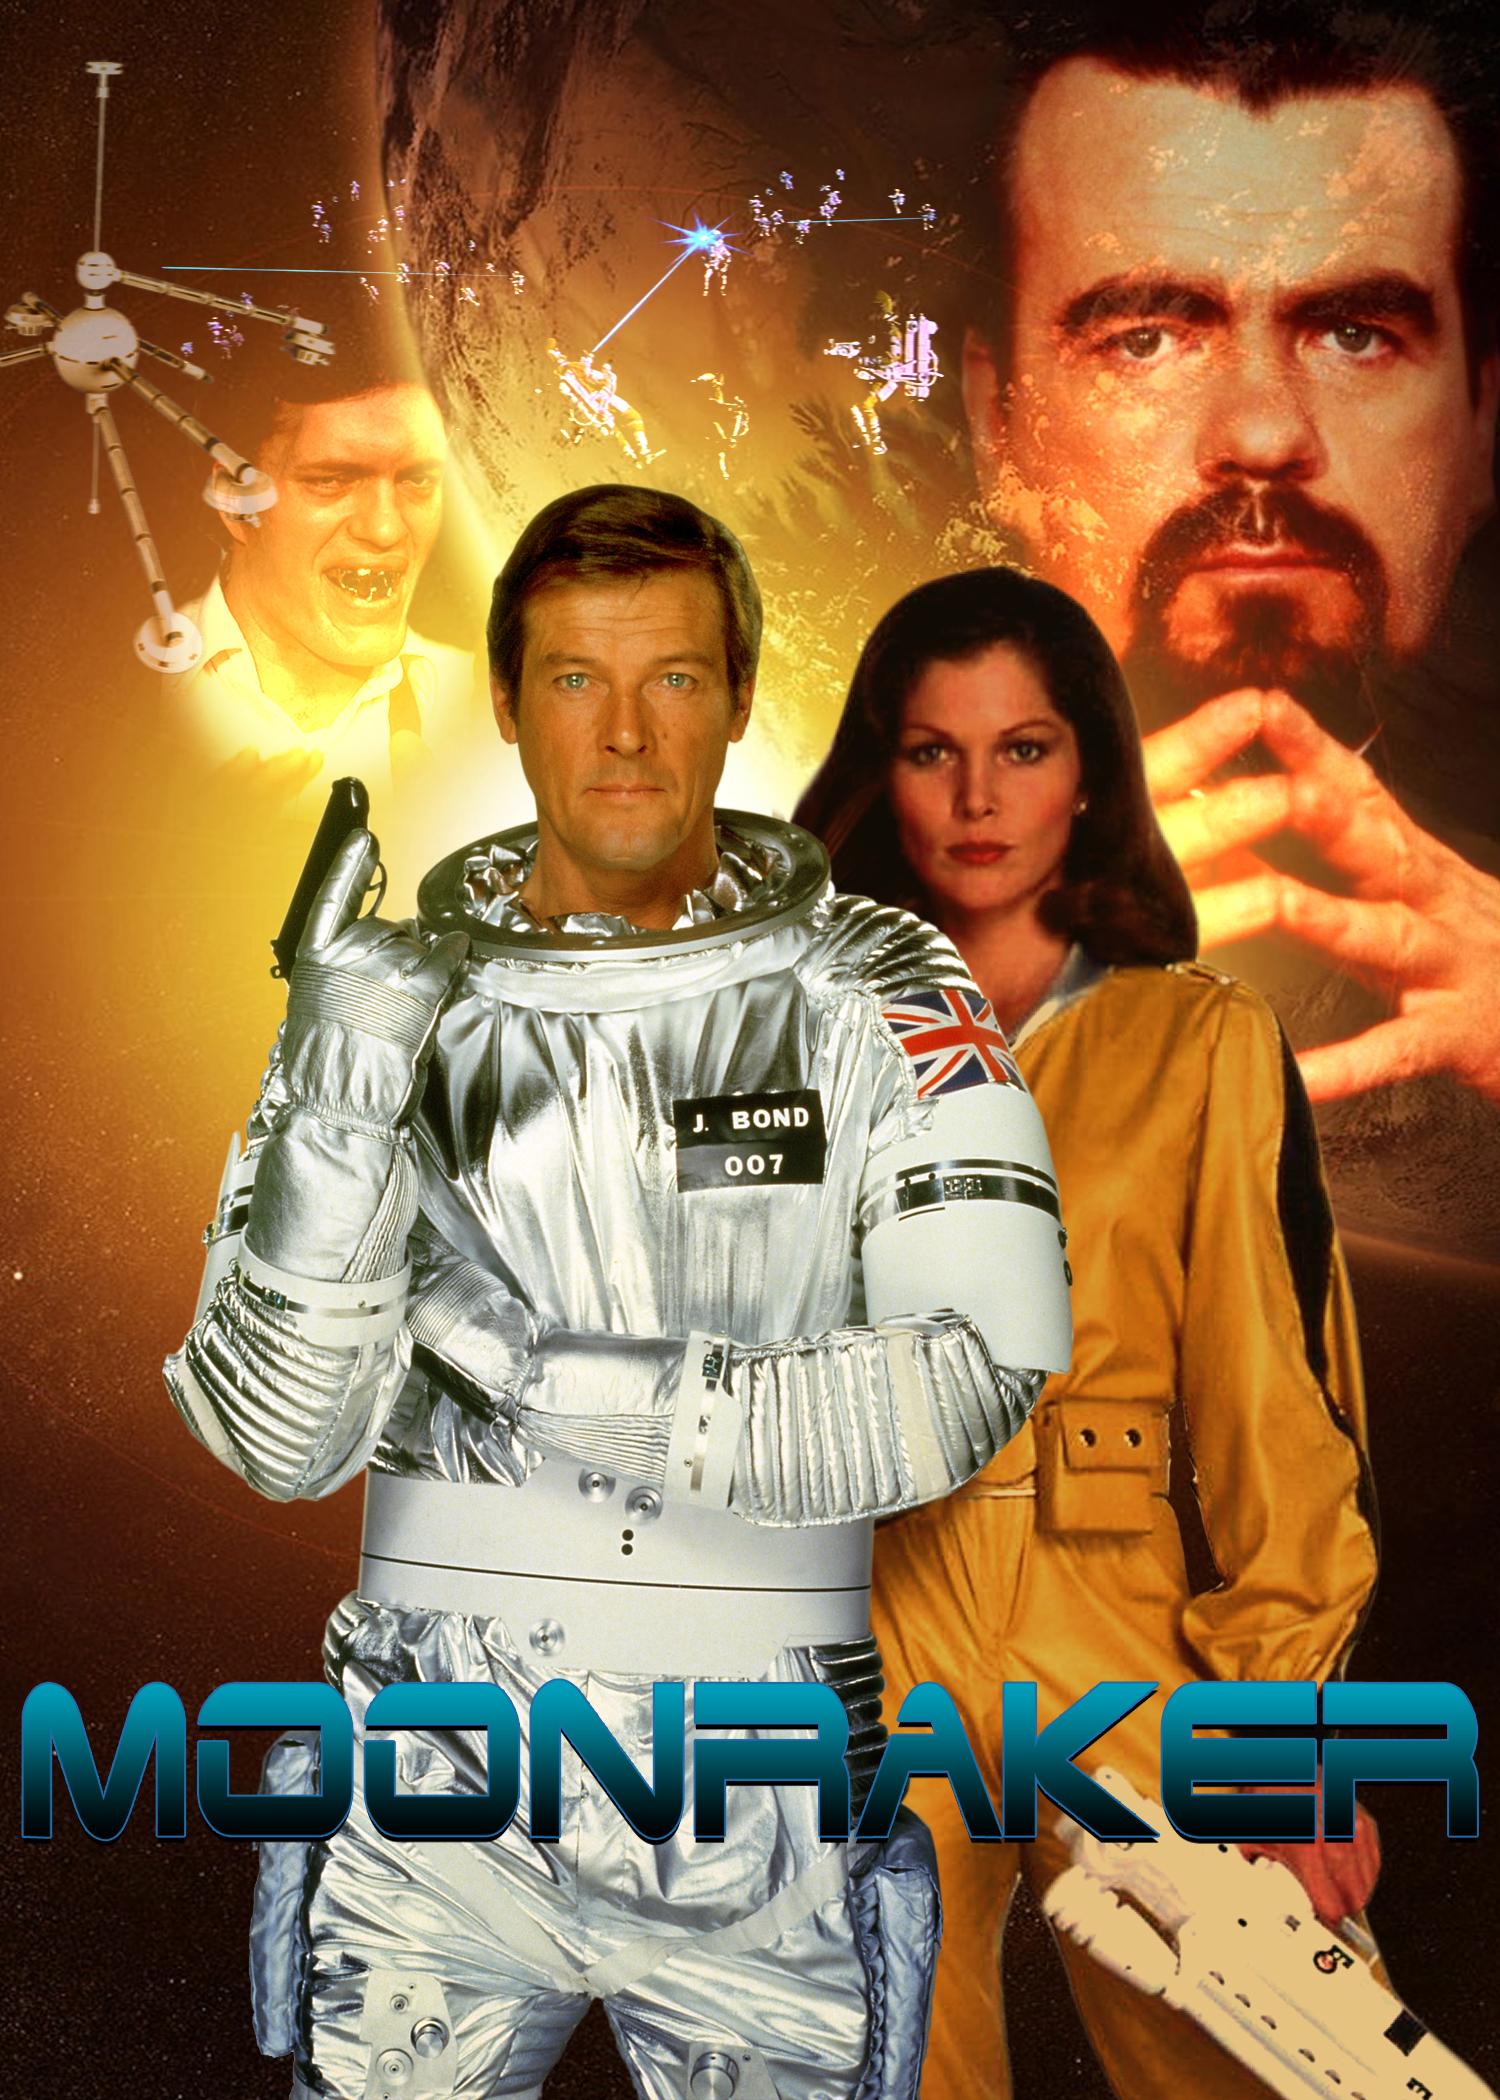 moonraker_poster_by_comandercool22-d67ubaz.jpg